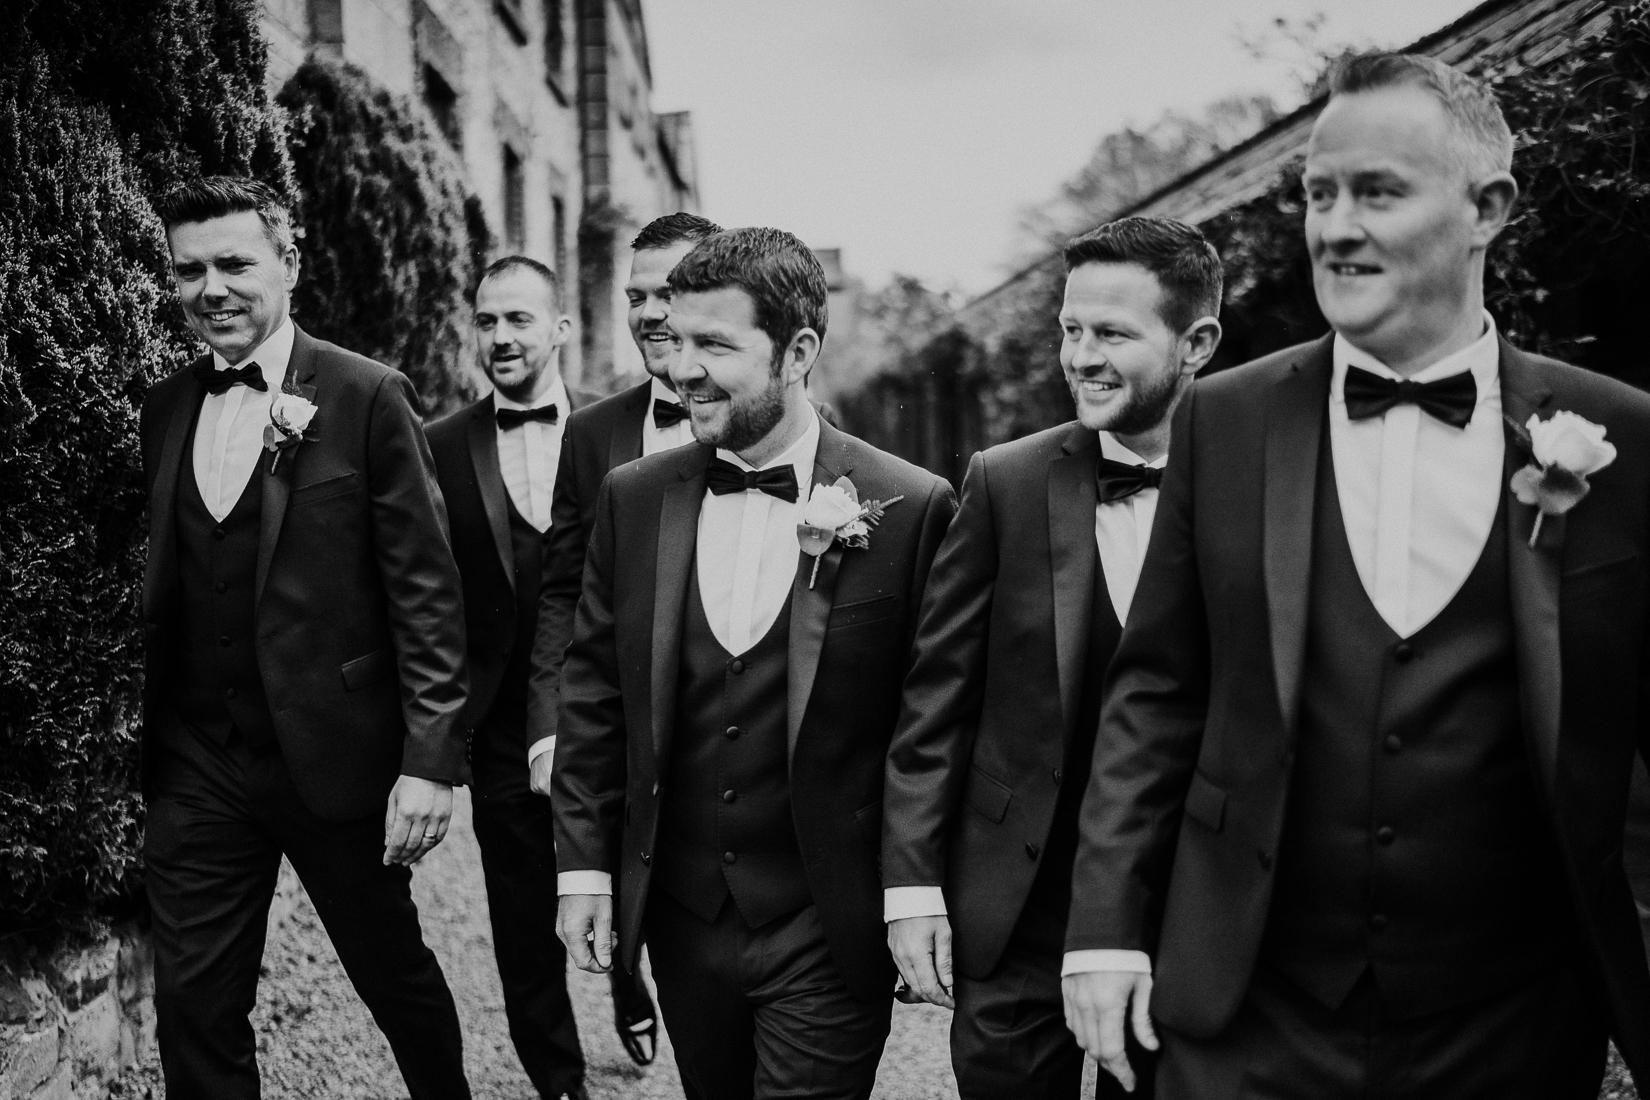 Groomsmen in Ireland